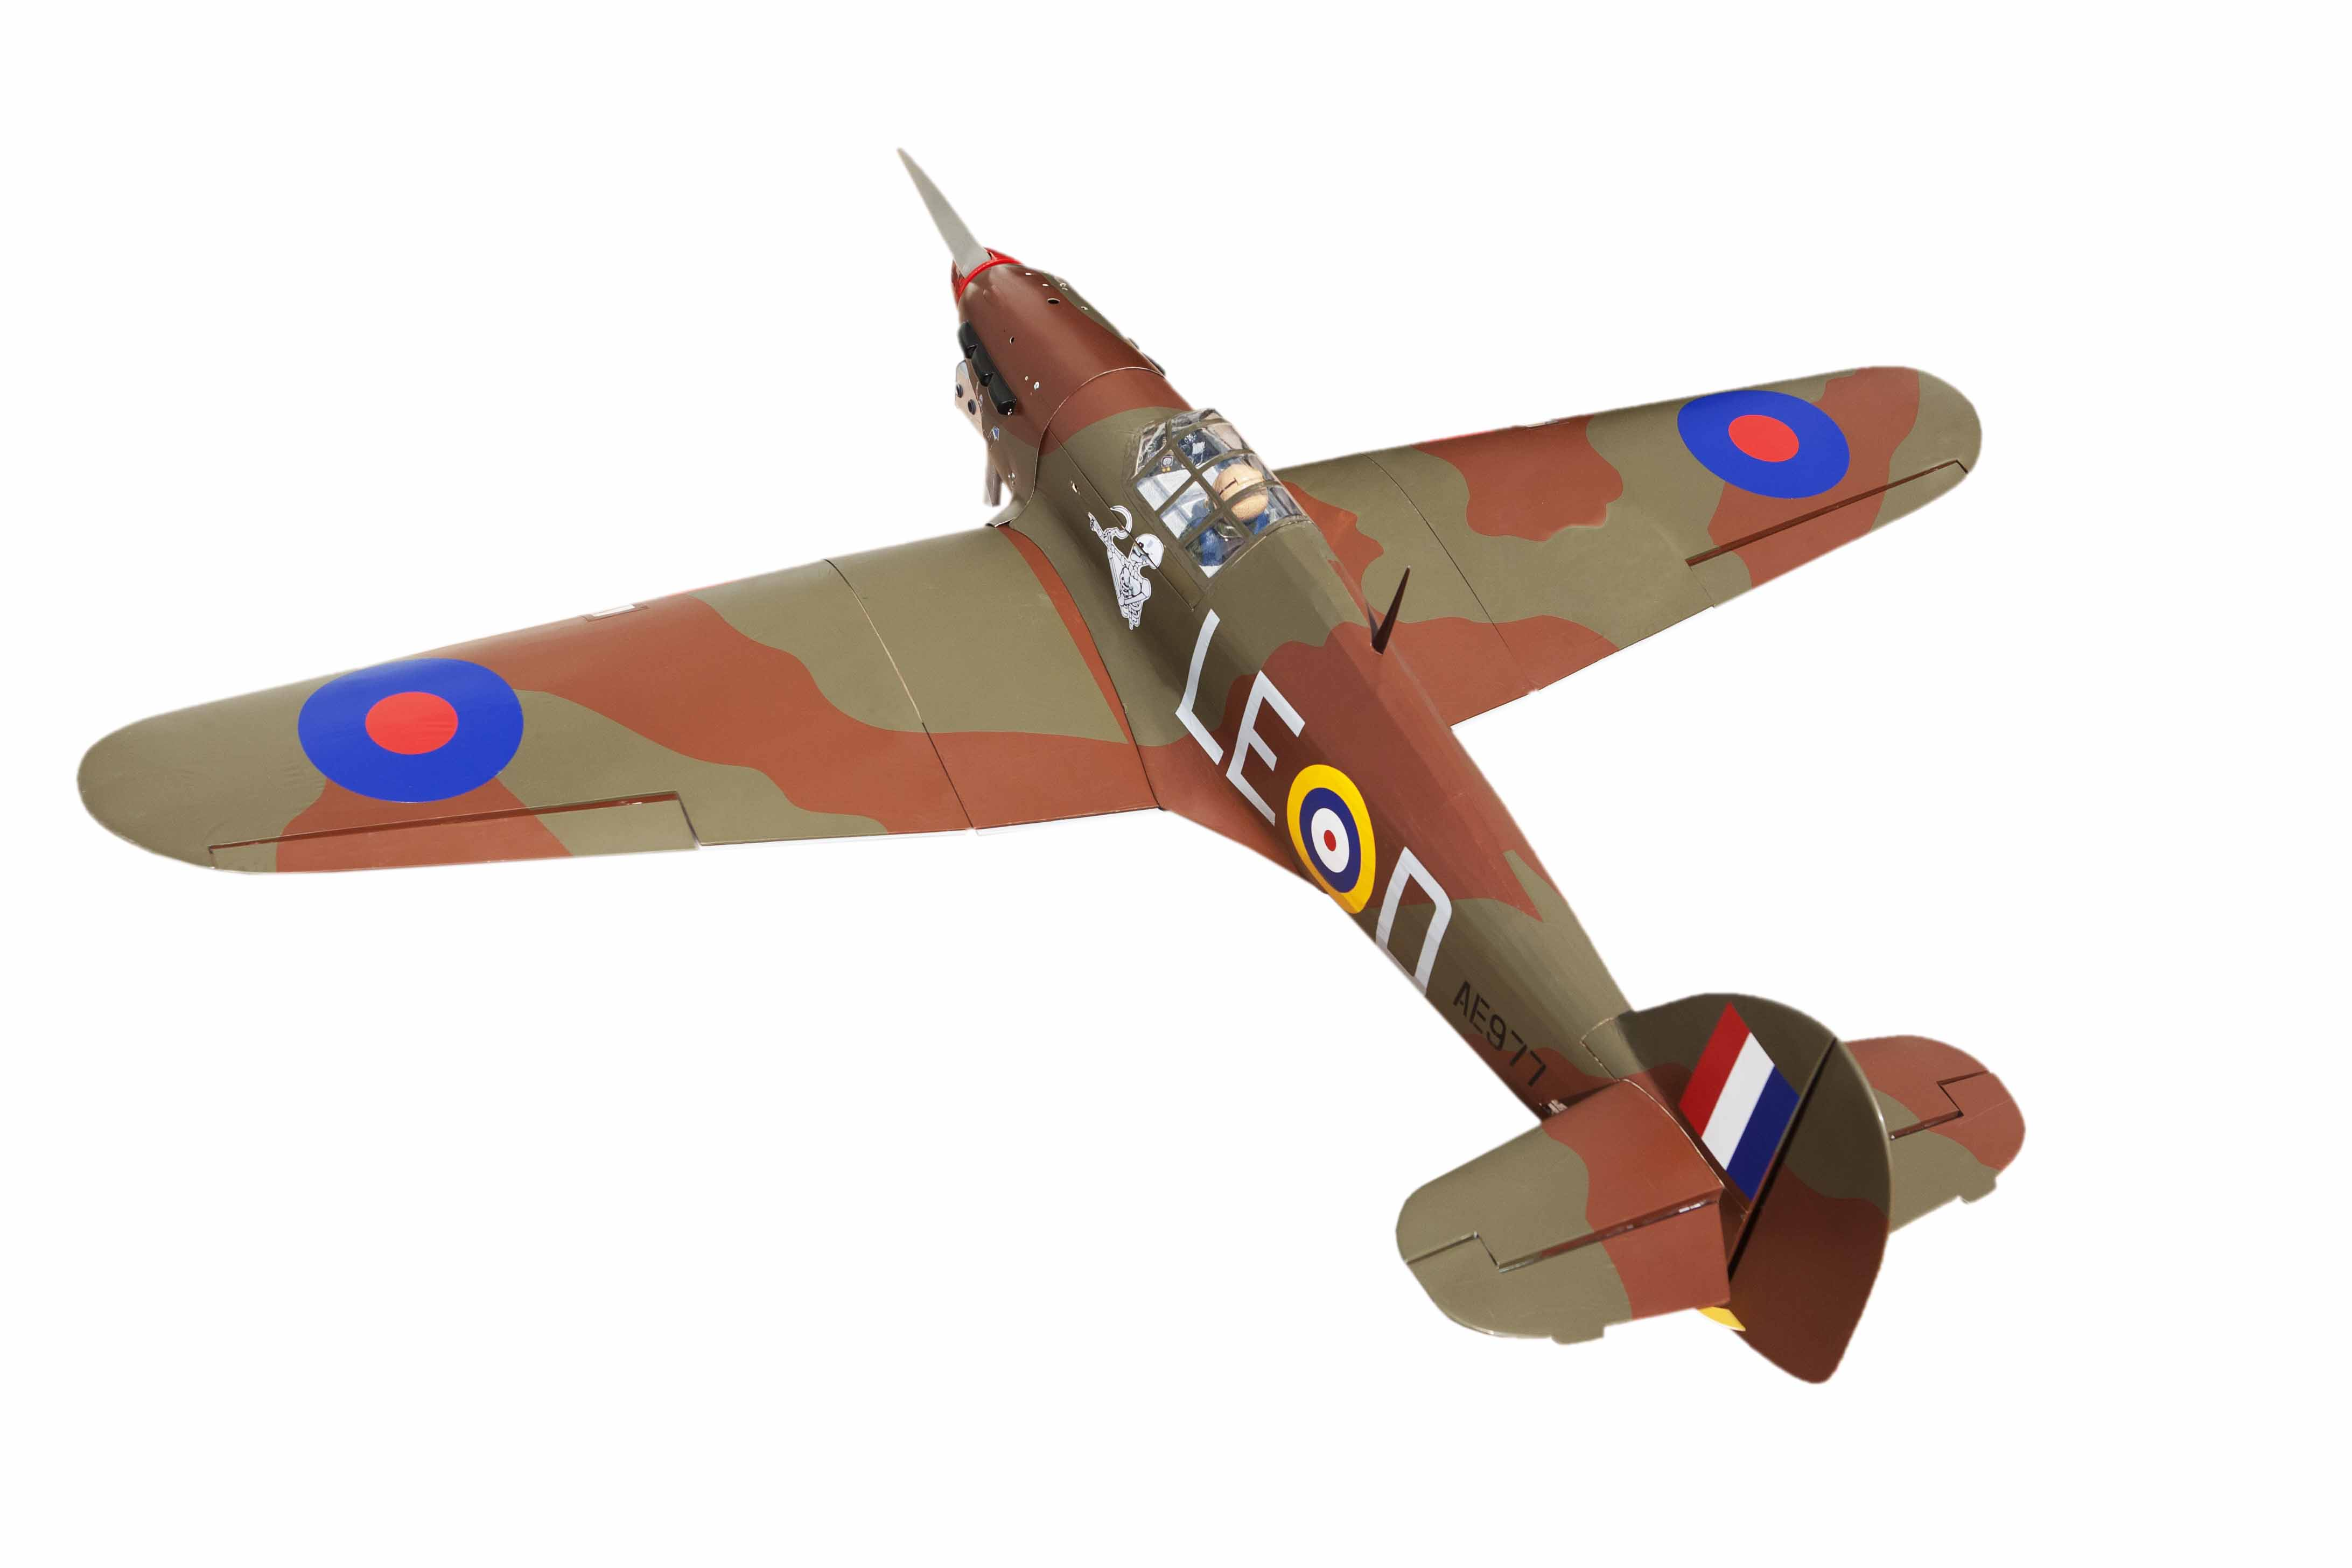 Hawker Hurricane Seagull Models